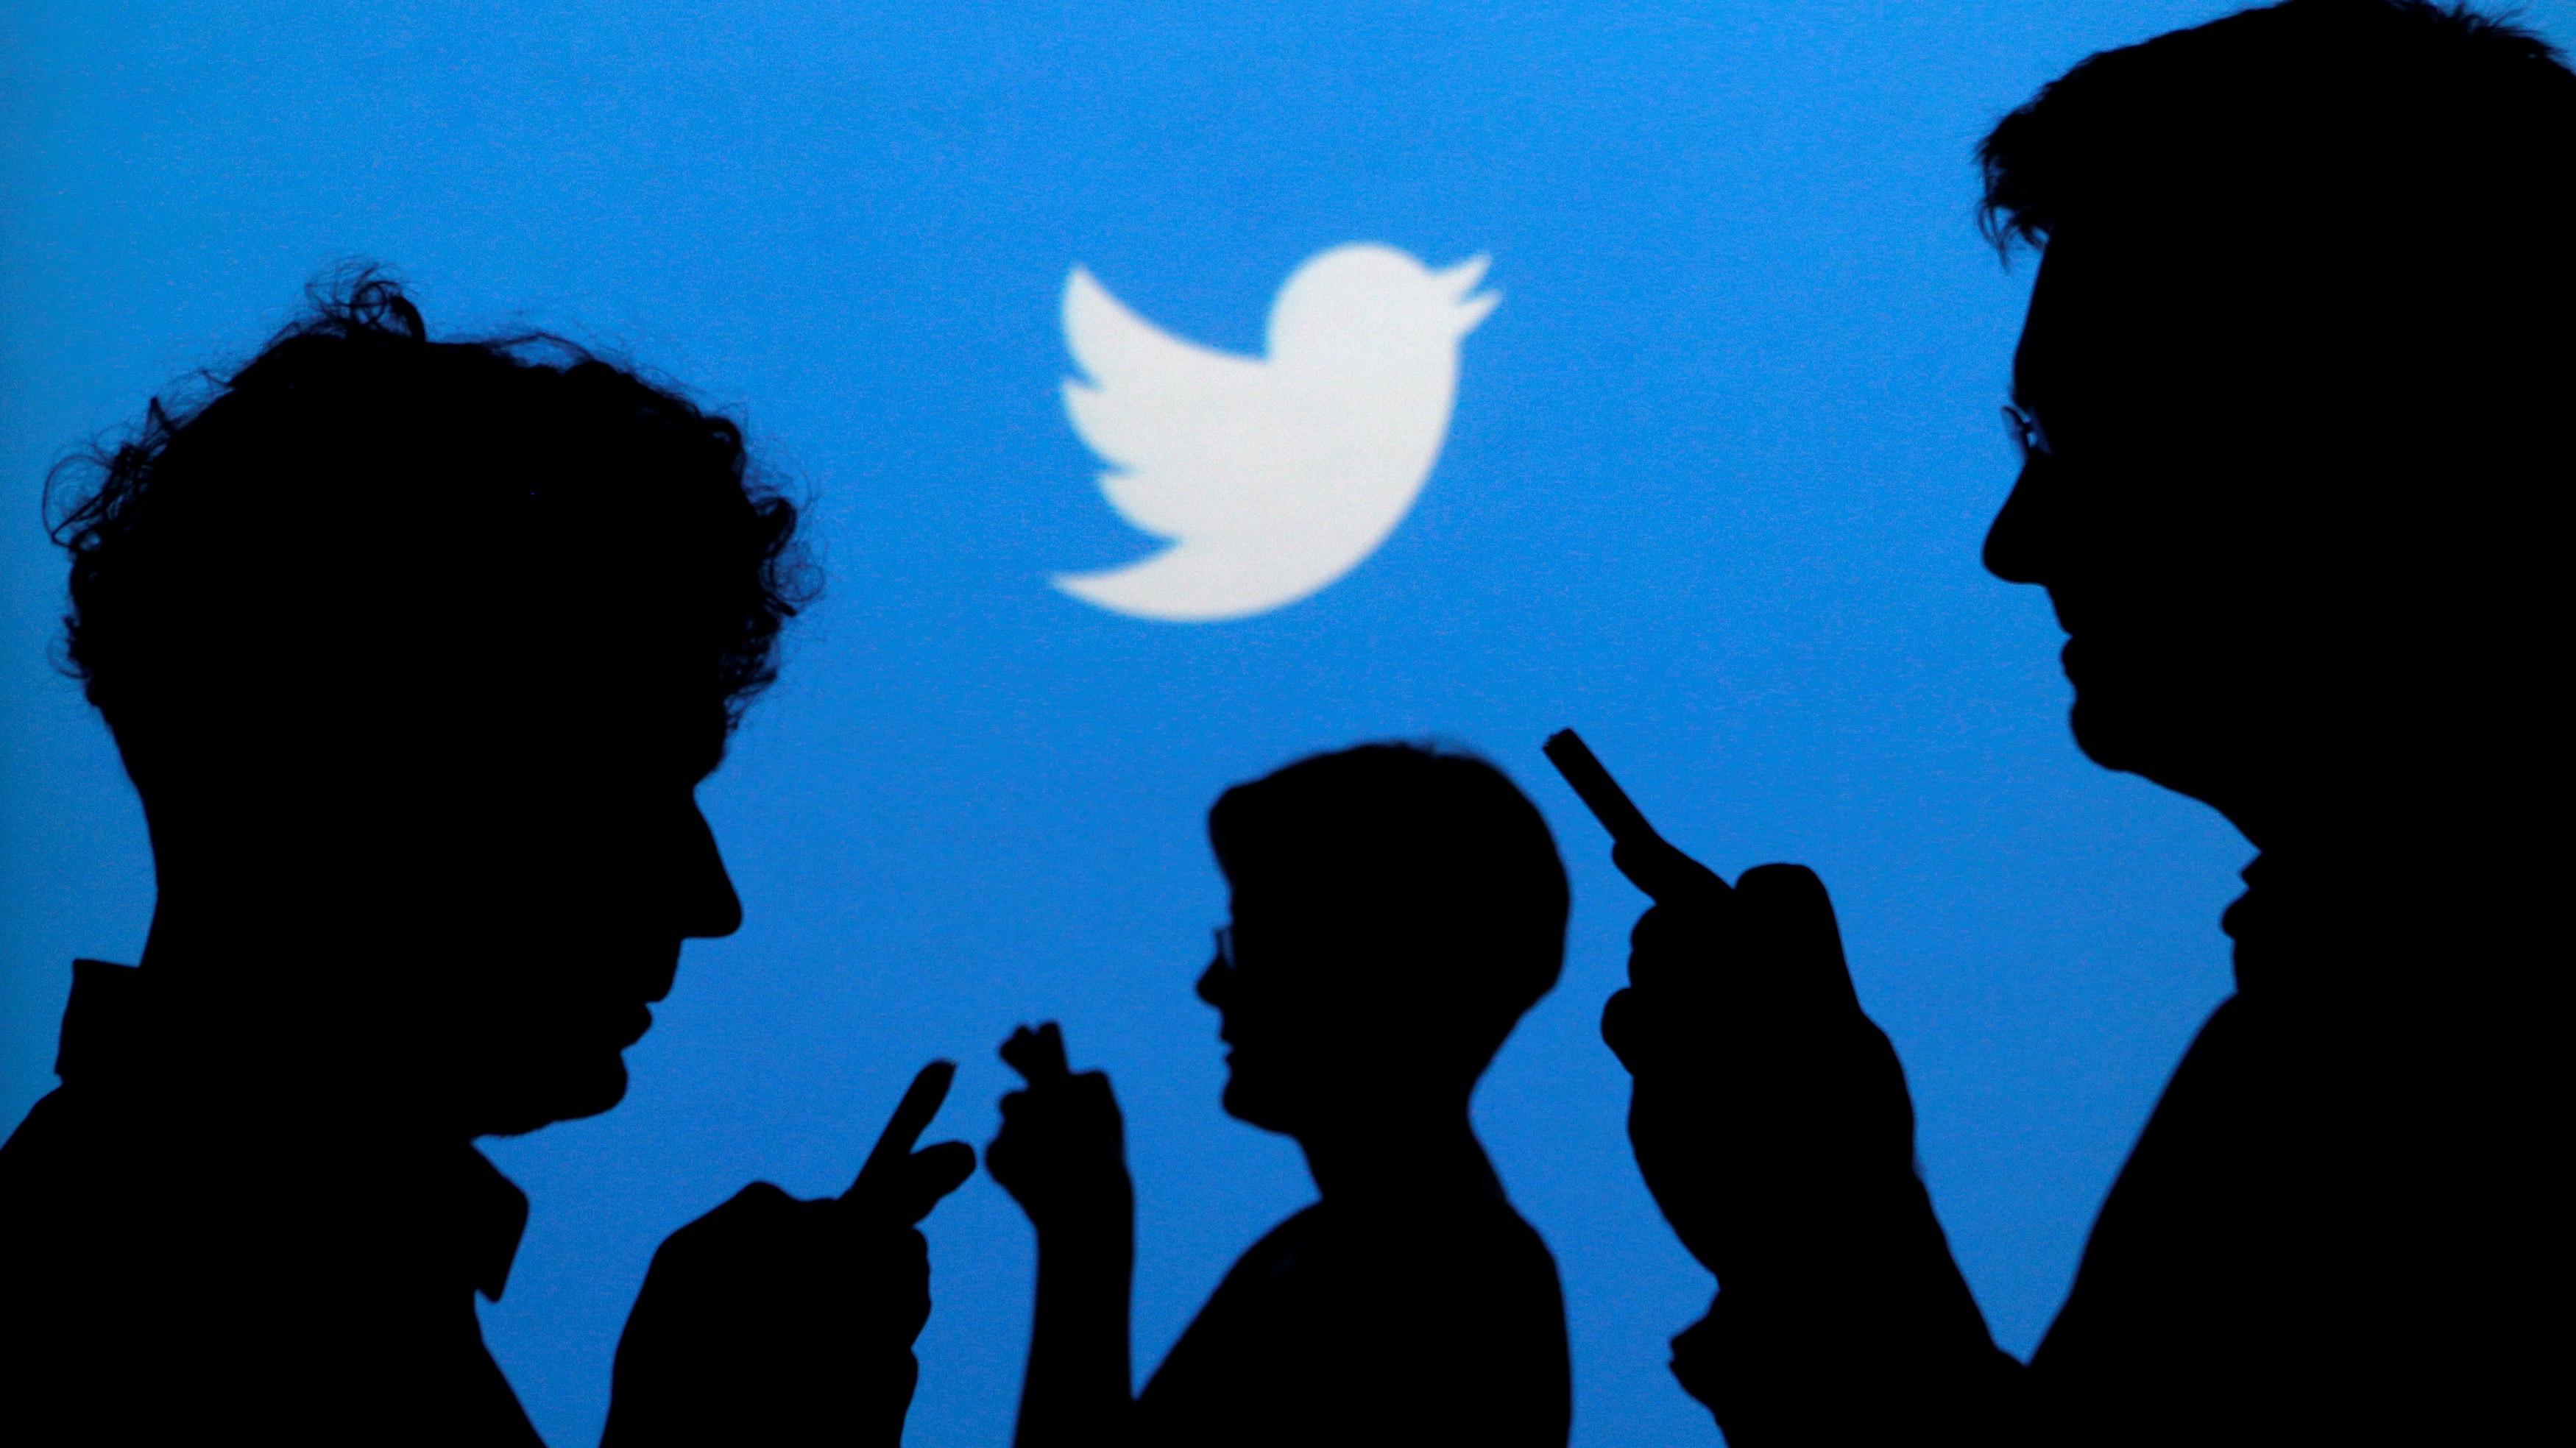 Twitter agrega sus propios códigos QR para los perfiles de usuarios